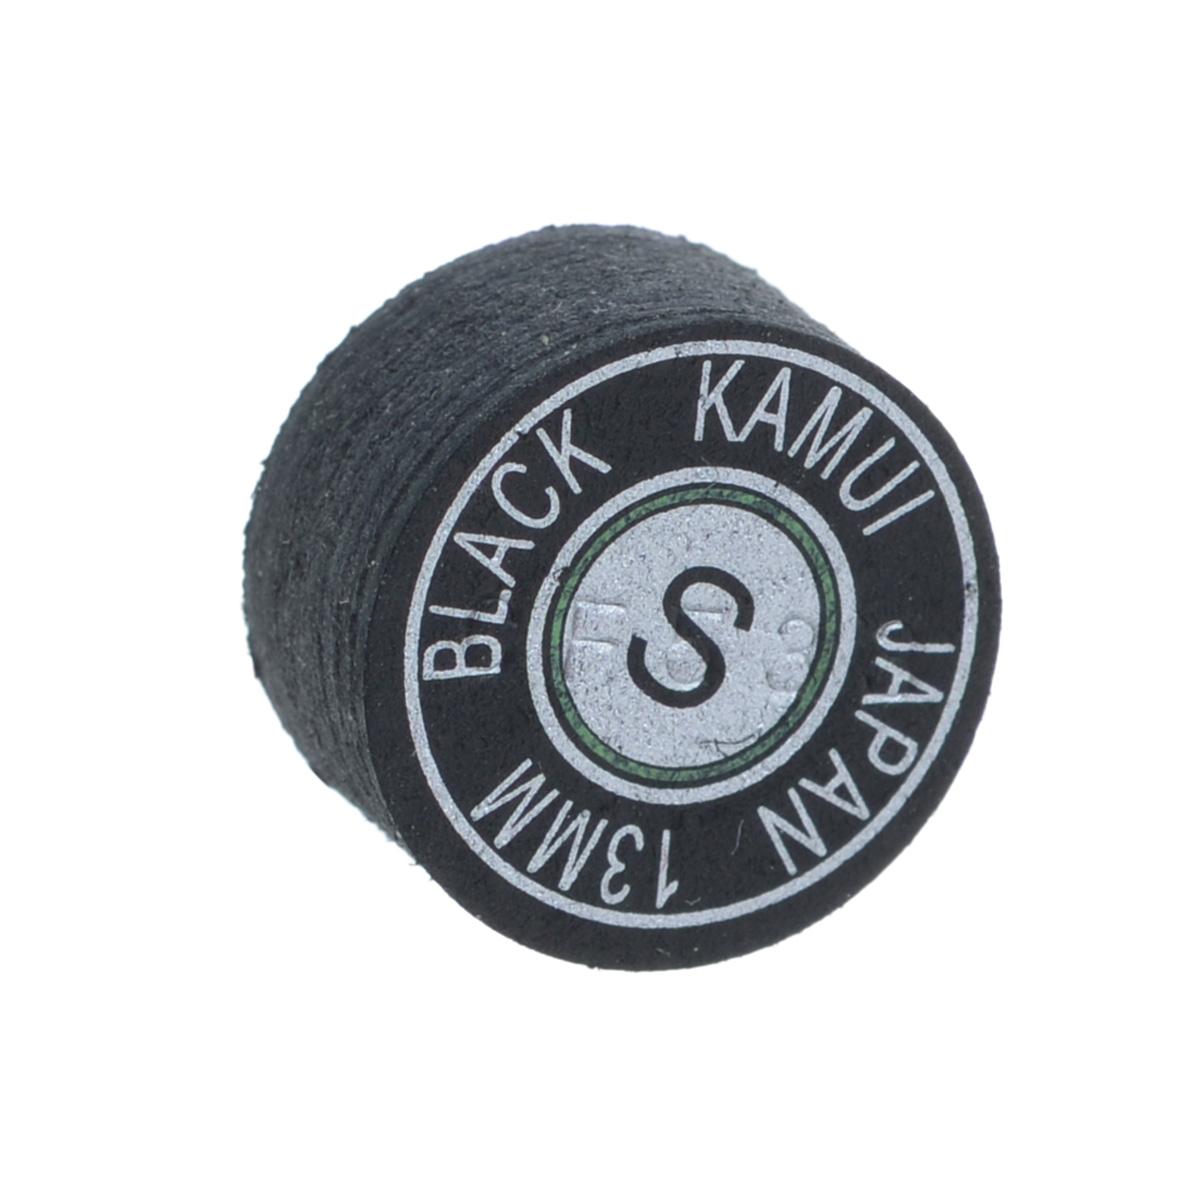 Наклейка для кия Kamui Black, мягкая, 13 мм03102Почему игроки выбирают наклейки KAMUI: Повышенная устойчивость к влажности. Кожа для наклеек KAMUI проходит этап растительного дубления. Это позволяет сделать кожу более эластичной и прочной по сравнению, например, с кожей, которая прошла этап хромового дубления. Тем не менее, после растительного дубления кожа имеет тенденцию поглощать влагу, которая уменьшает как прочность, так и эластичность кожи. Именно поэтому KAMUI проводит дополнительный, специальный, этап дубления кожи, после которого кожа сохраняет прочность и эластичность. Как результат - наклейки KAMUI не изменяют своих игровых свойств даже в средах с повышенной влажностью. Уменьшение эффекта грибной шляпки. Появление у наклейки формы грибной шляпки связано с отсутствием достаточной прочности у наклейки при ударе по шарам. Эта шляпка не позволит игроку сделать точный, аккуратный удар. Во время дубления кожи для наклеек KAMUI процесс останавливается именно в тот момент, ...